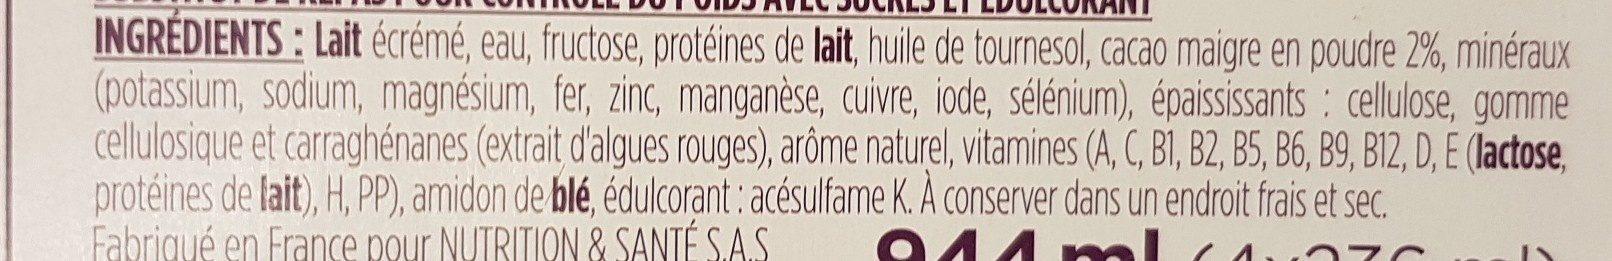 Mon Repas Minceur Boisson saveur Chocolat - Ingrédients - fr